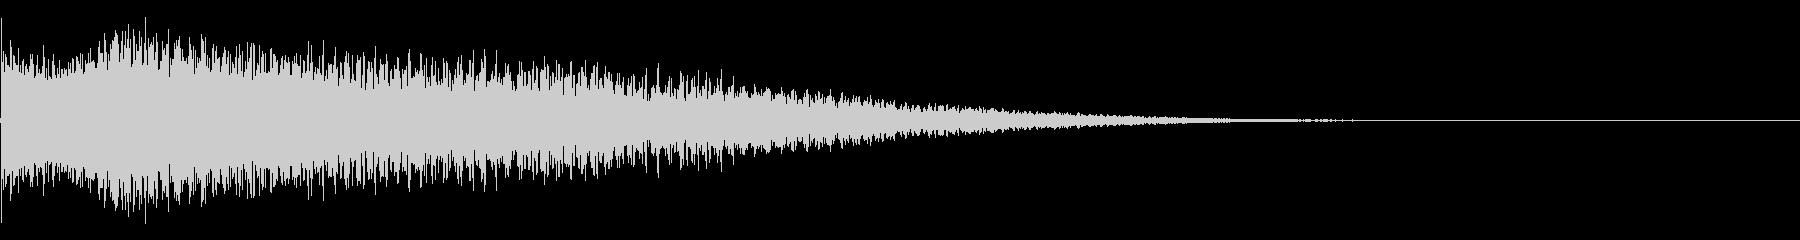 メタルワープ、スチールケーブルのピ...の未再生の波形